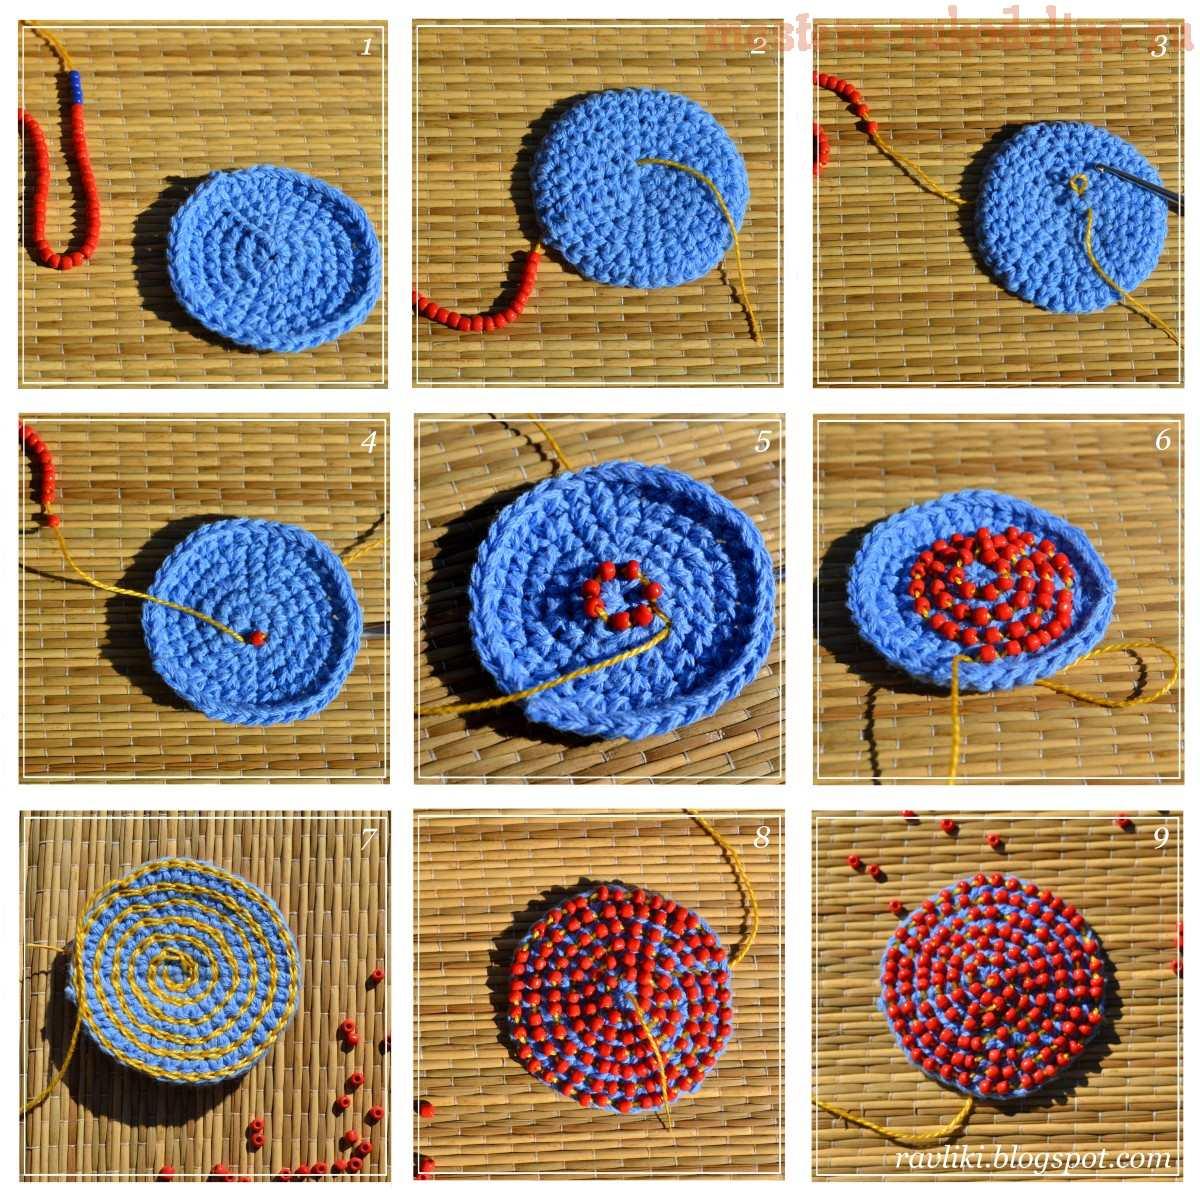 мастер класс по вязанию вяжем вышивая с бисером